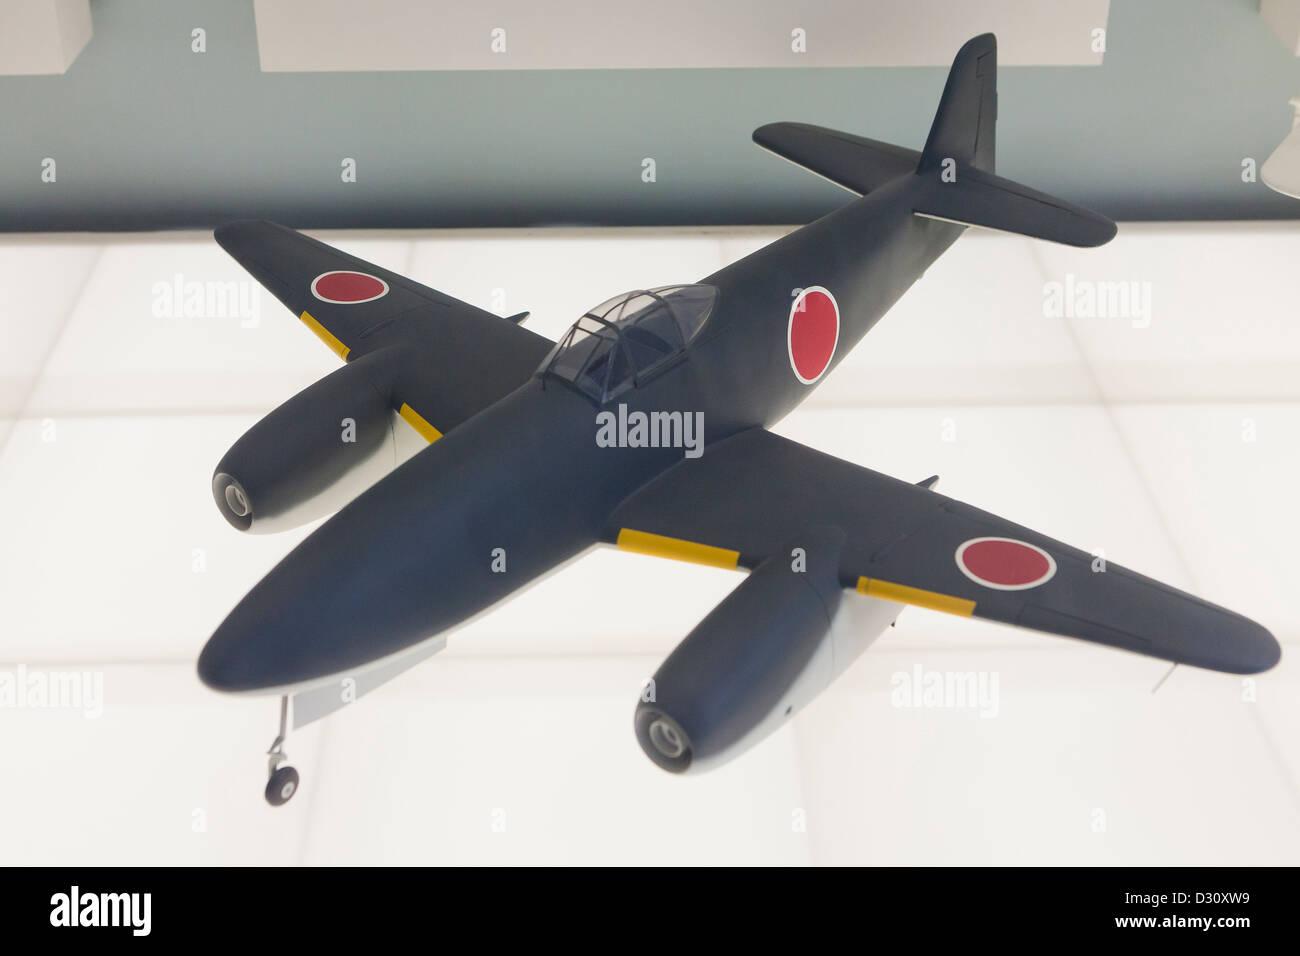 Nakajima Kikka fighter aircraft model - Stock Image